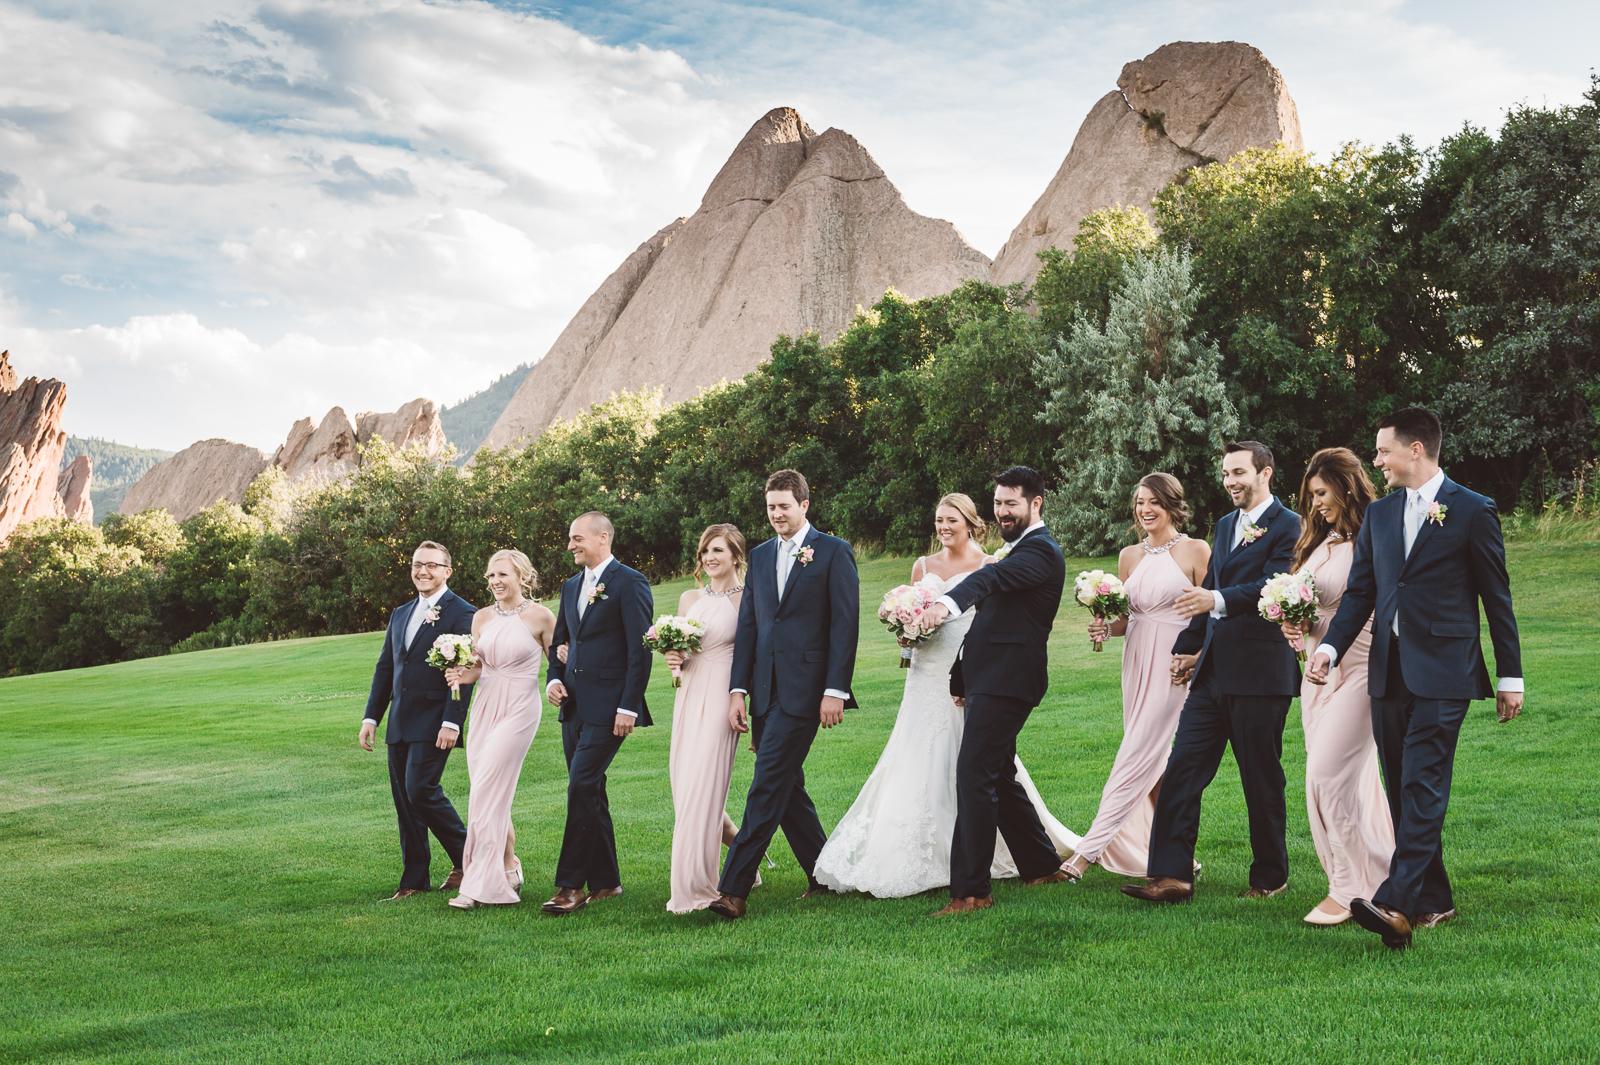 10 reasons to get married in denver visit denver